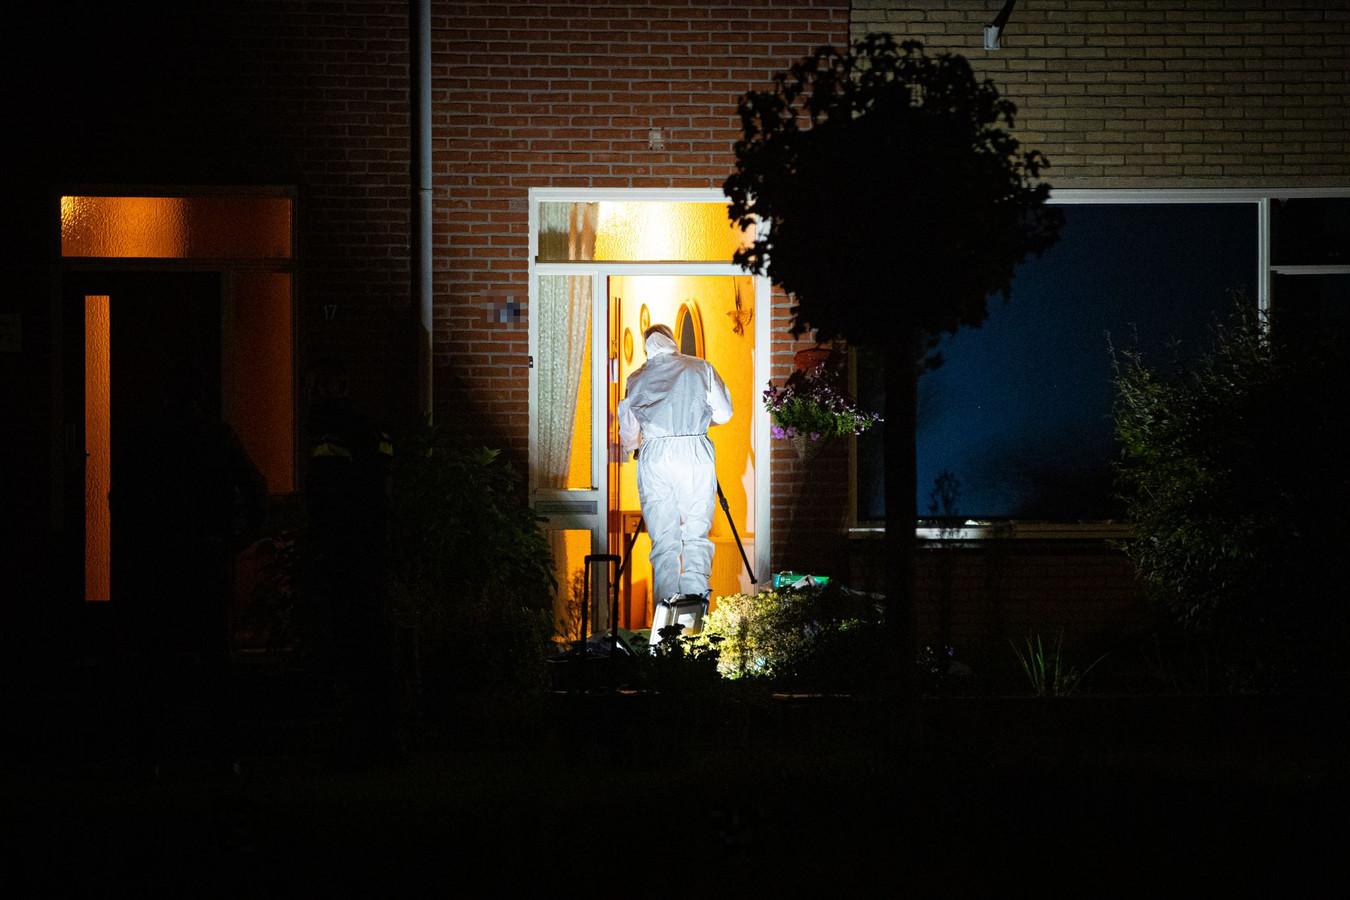 Forensisch rechercheurs doorzoeken de woning waar het lichaam werd aangetroffen.